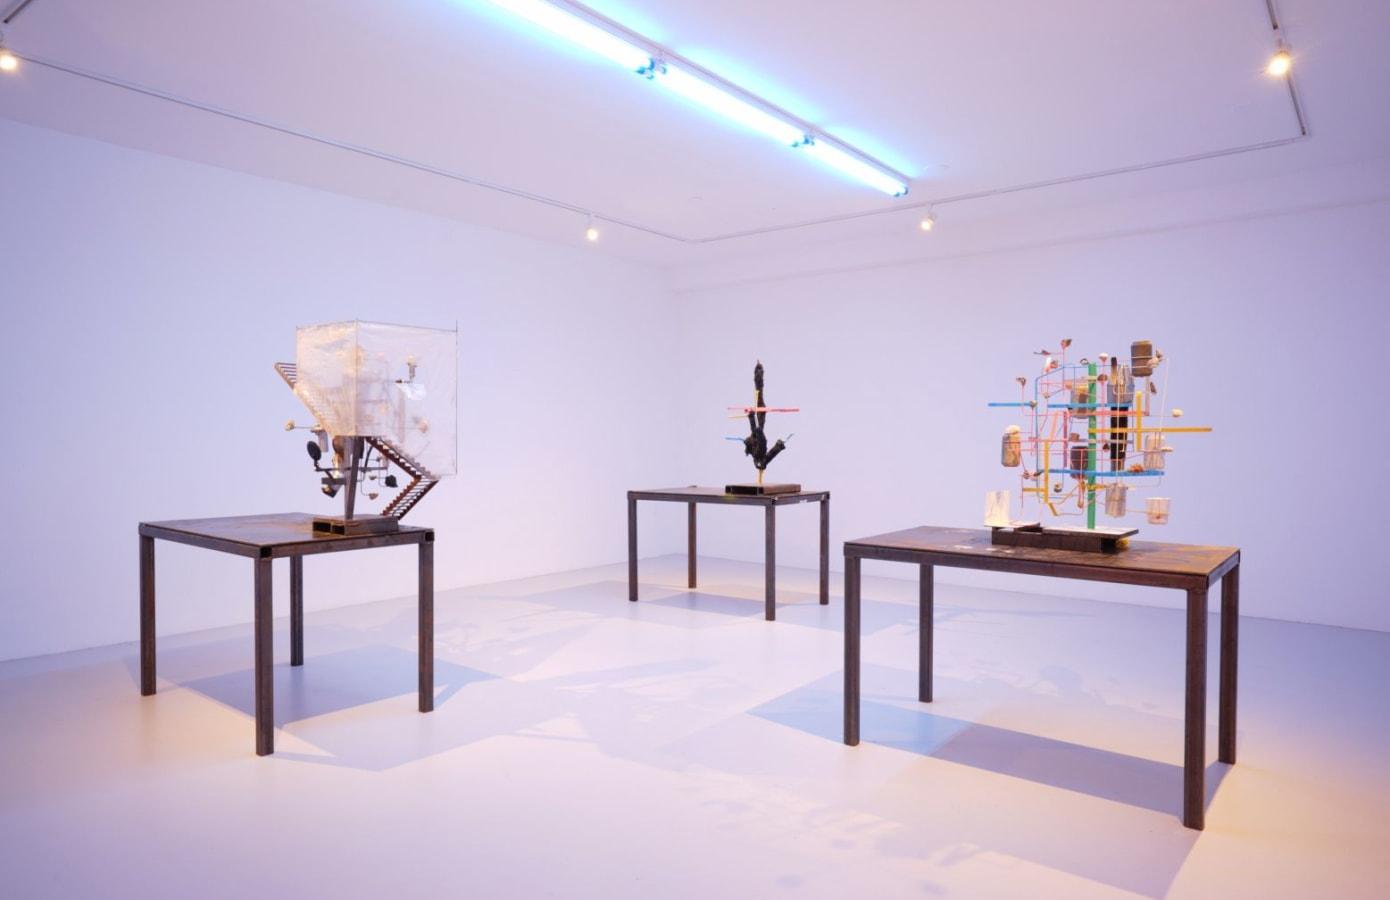 Body Parts, Nick van Woert,